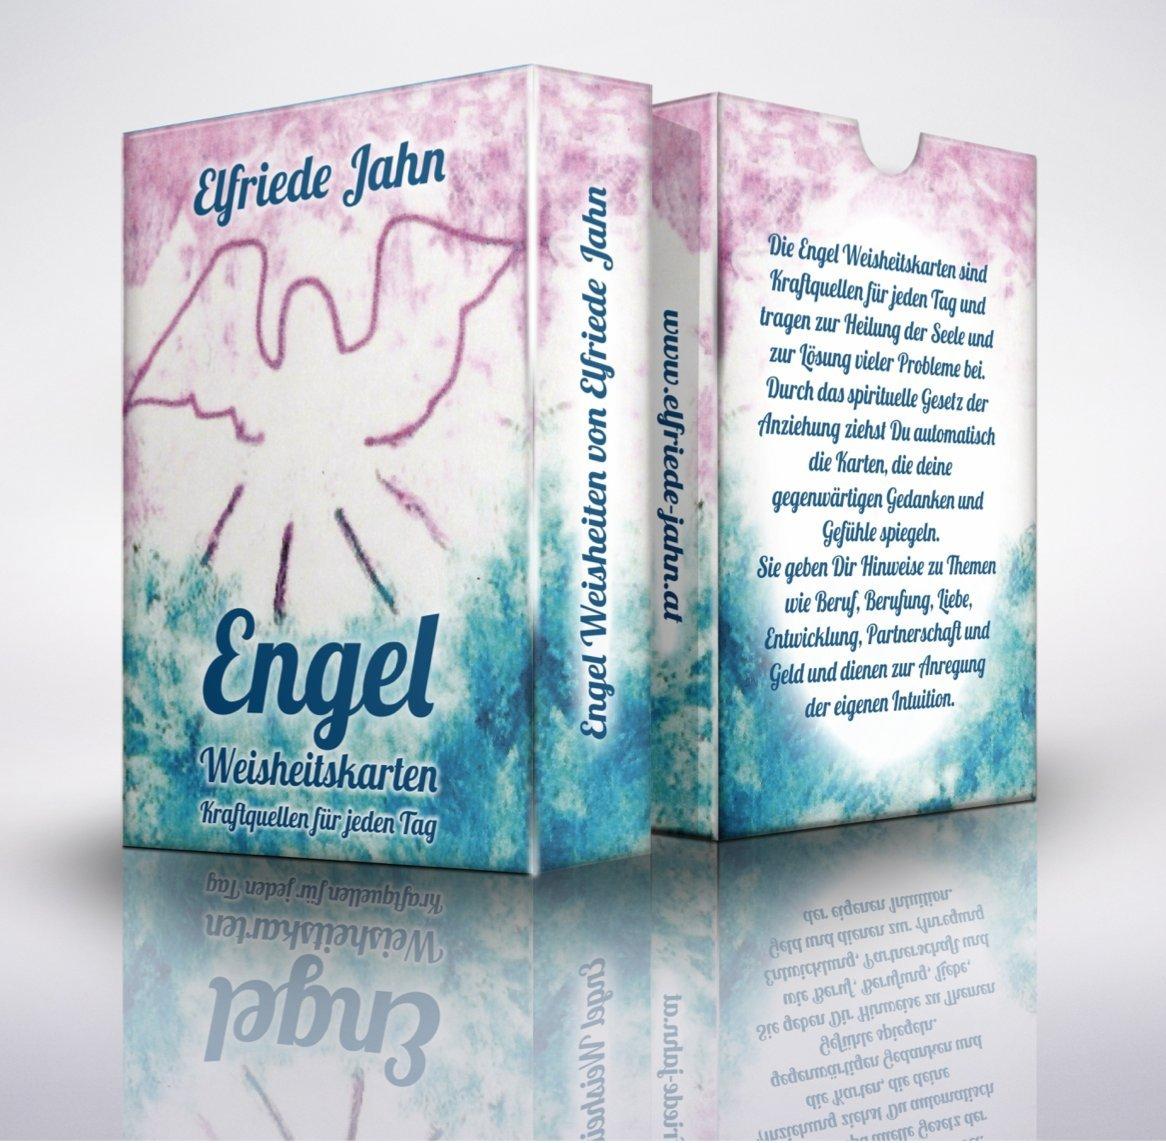 Engel - Weisheitskarten - Kraftquellen für jeden Tag: Engelkarten von Elfriede Jahn